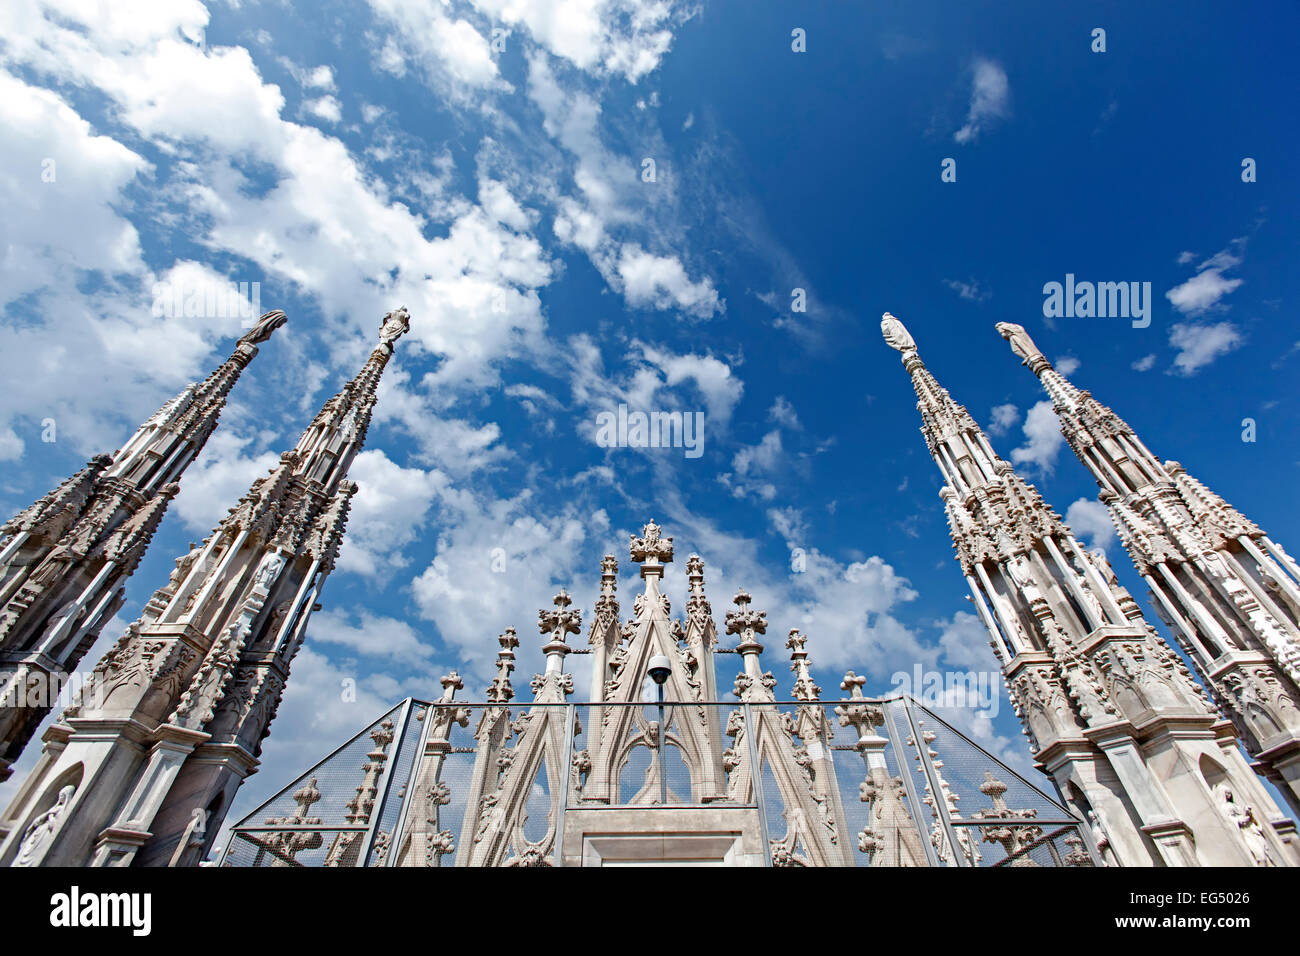 Spires, la cathédrale de Milan (Duomo di Milano, Milan, Italie) Banque D'Images